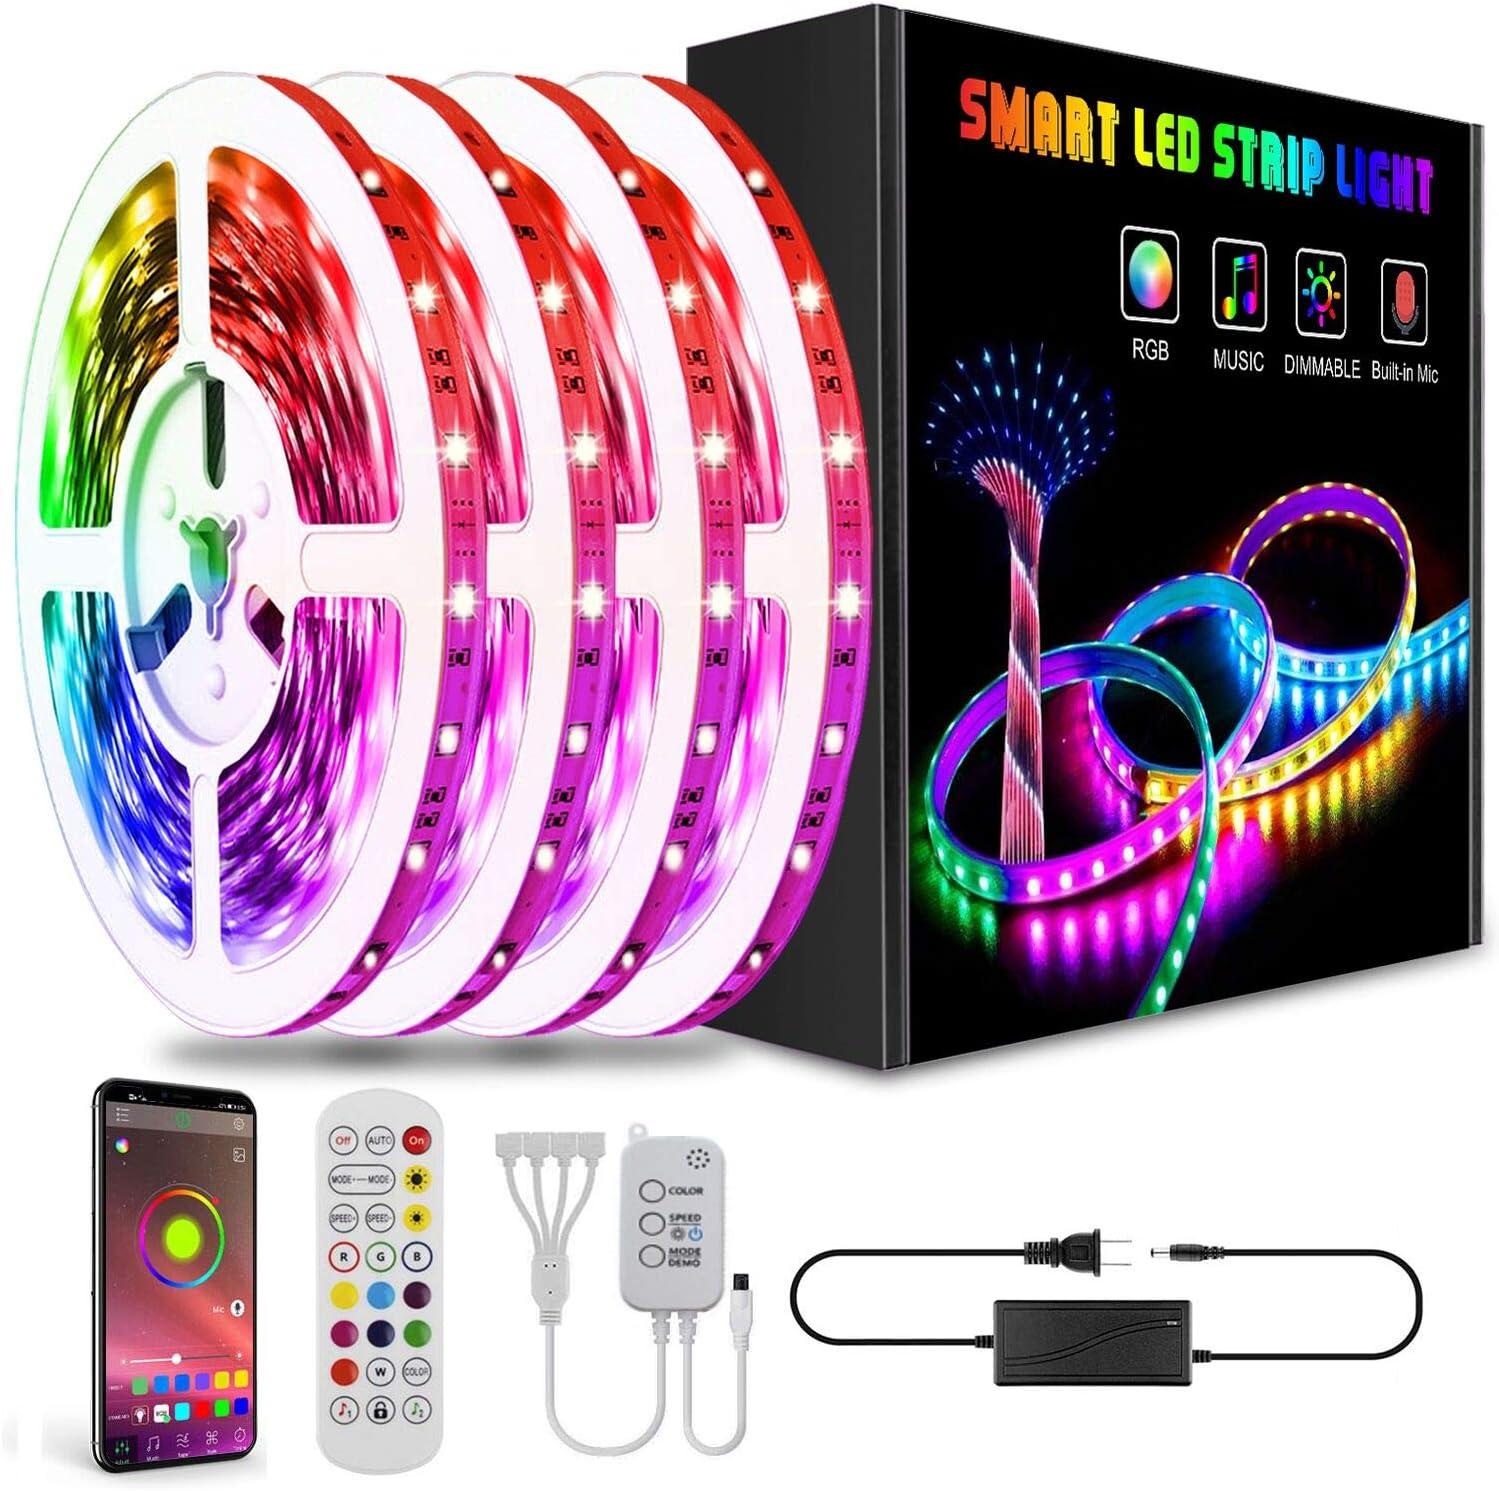 Amazon - Get 25% Off Led Lights Smart Led Strip Lights Ultra Long